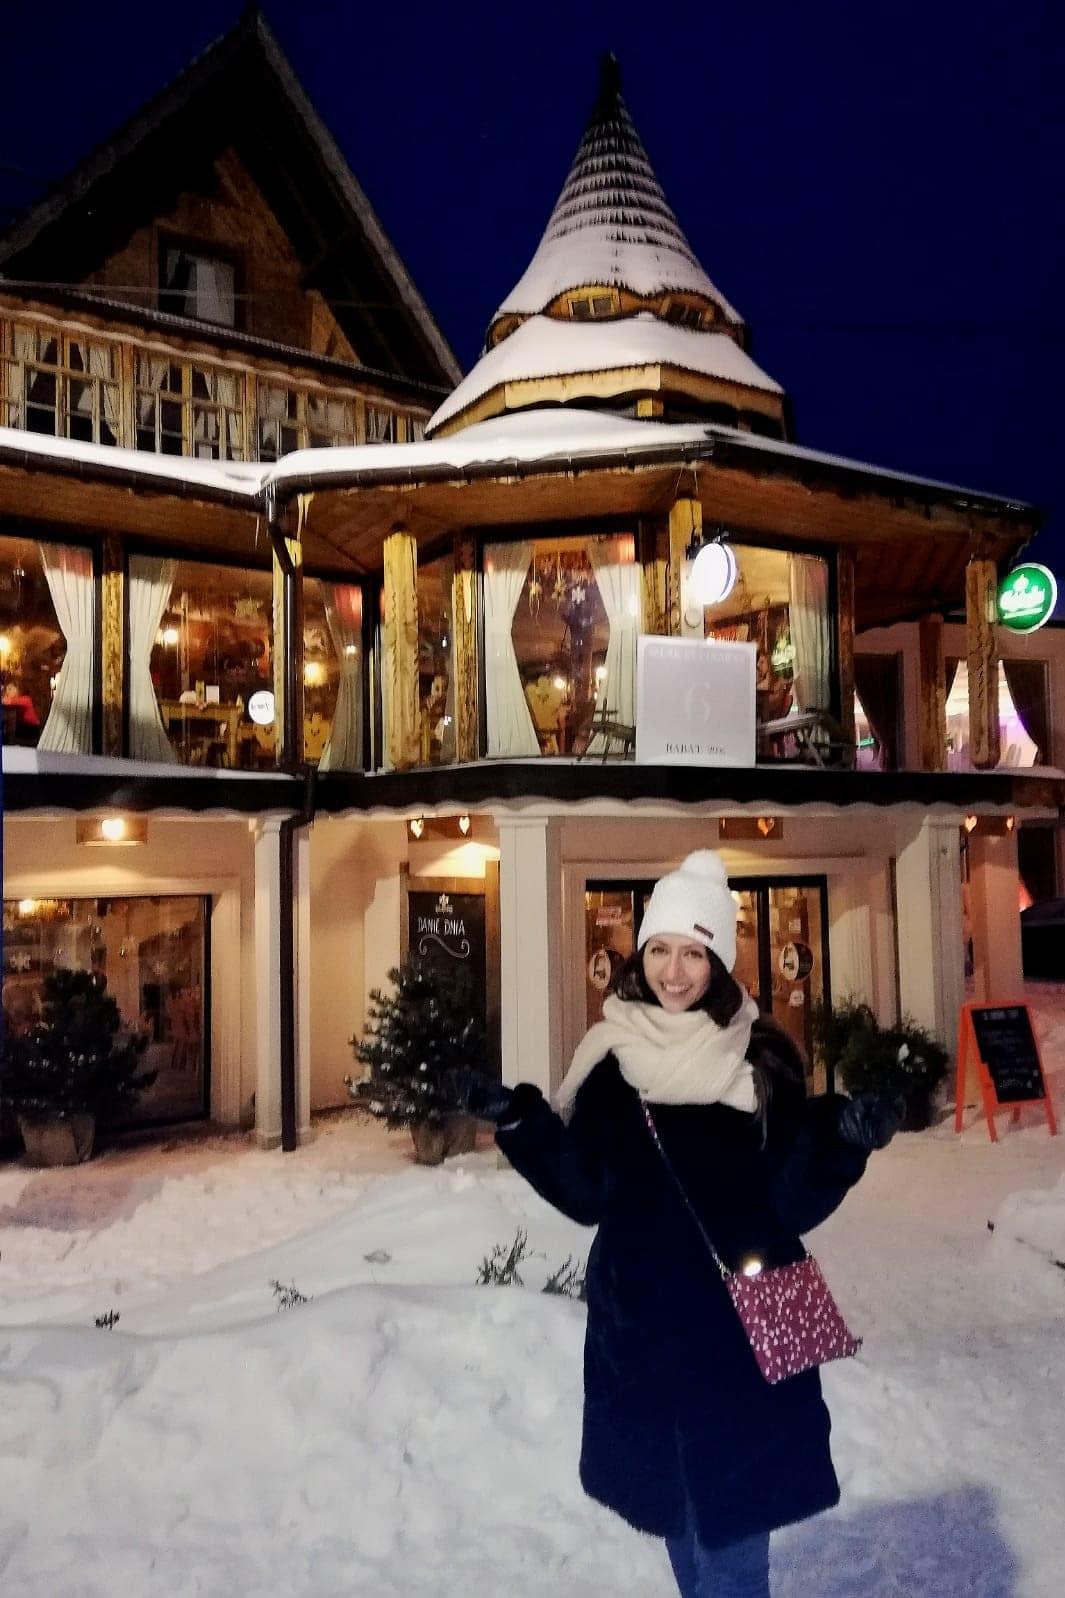 szczyrk-winterurlaub-in-polen